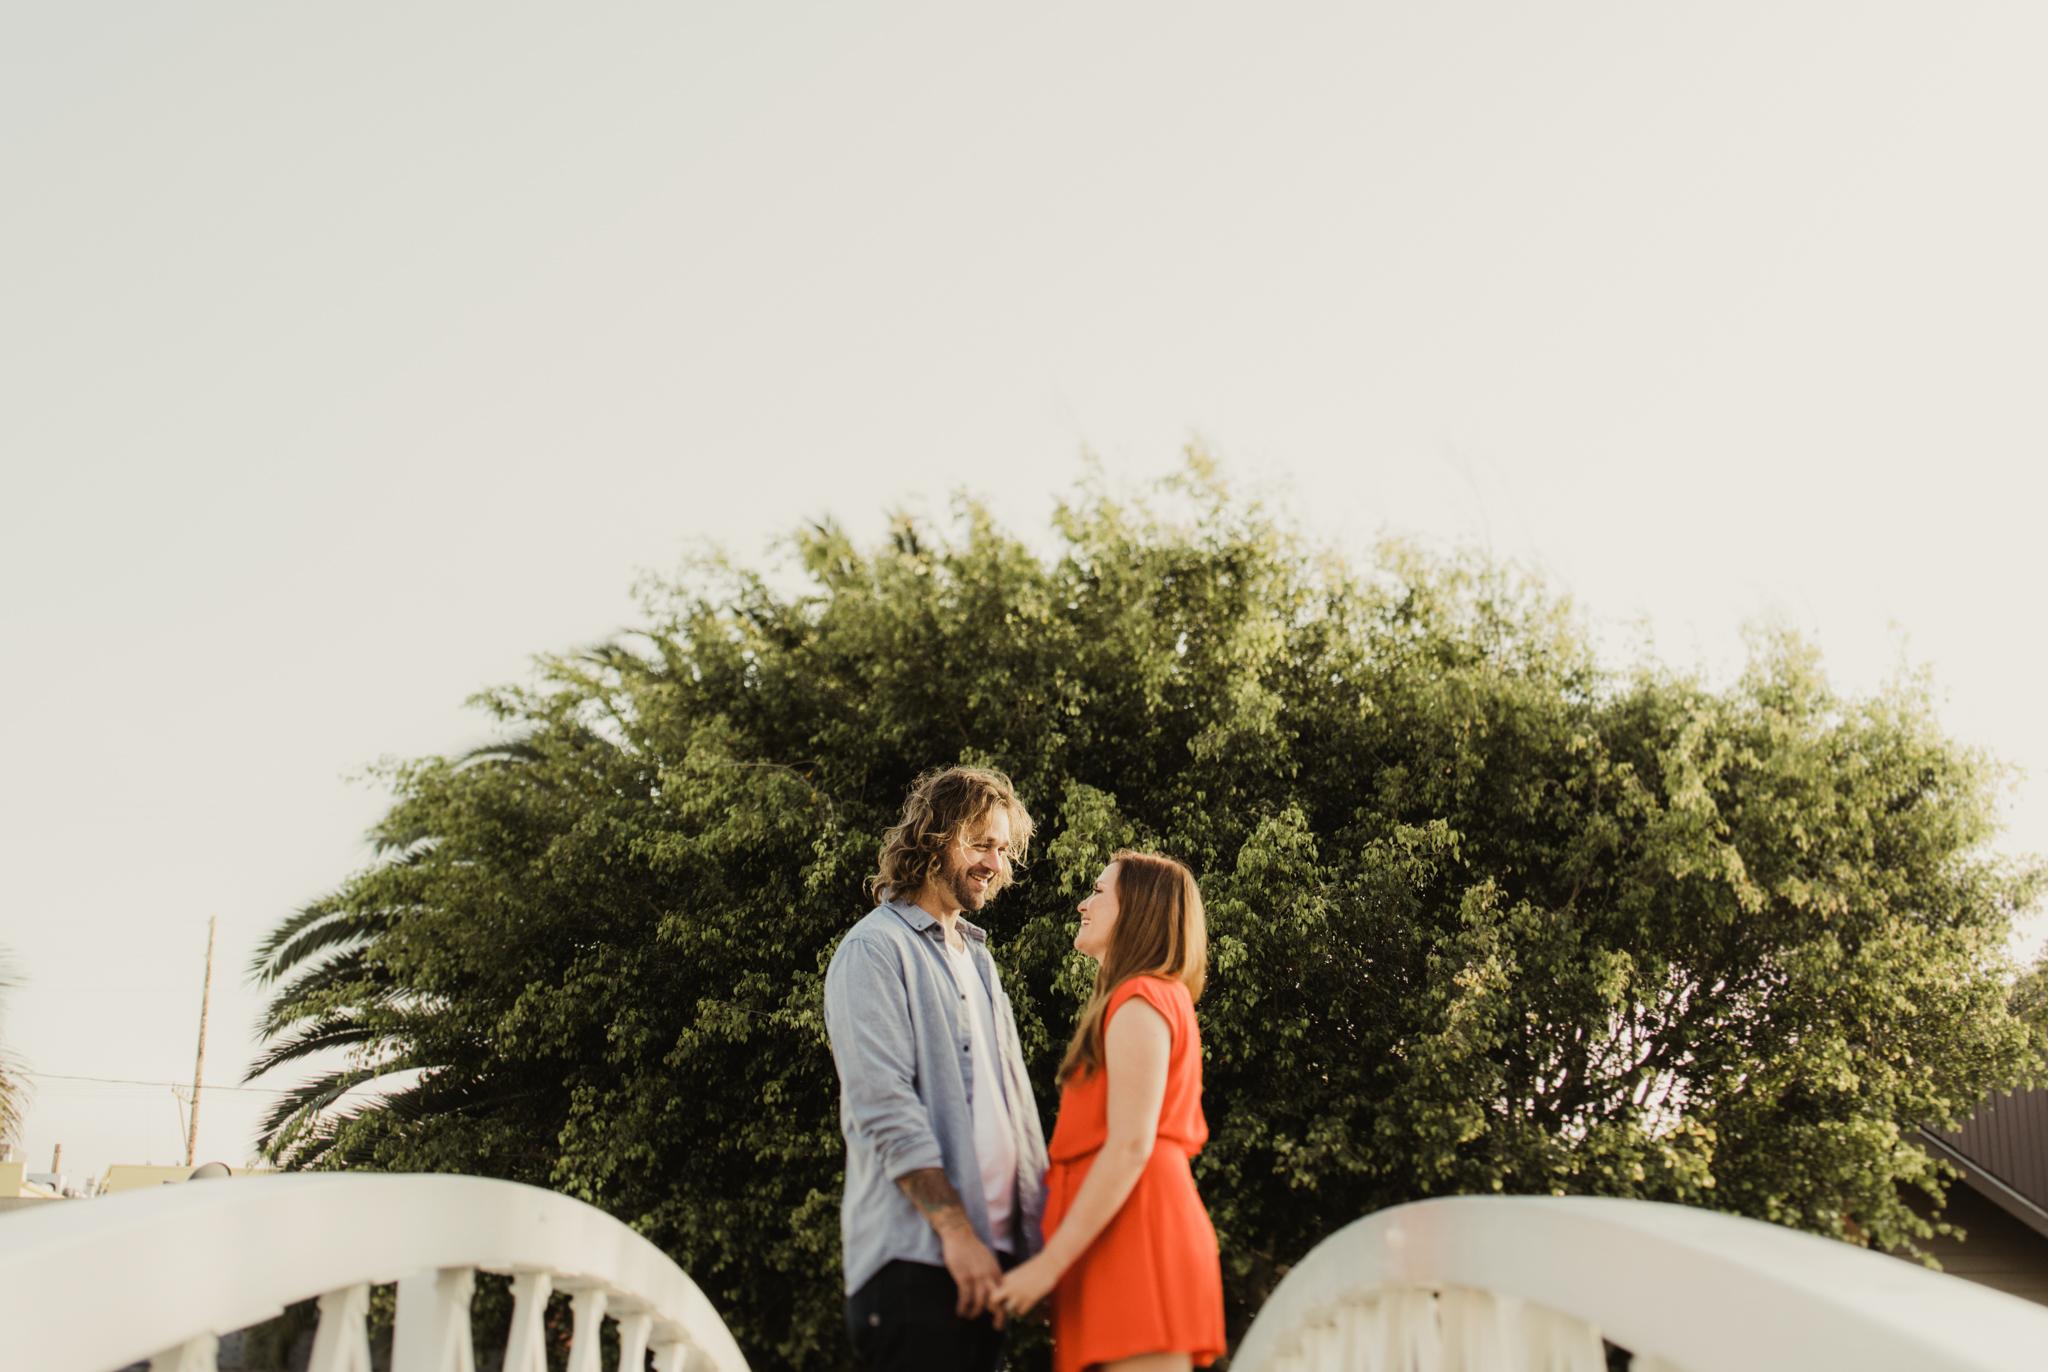 ©Isaiah & Taylor Photography  - Los Angeles Wedding Photographer - Venice Beach-32.jpg